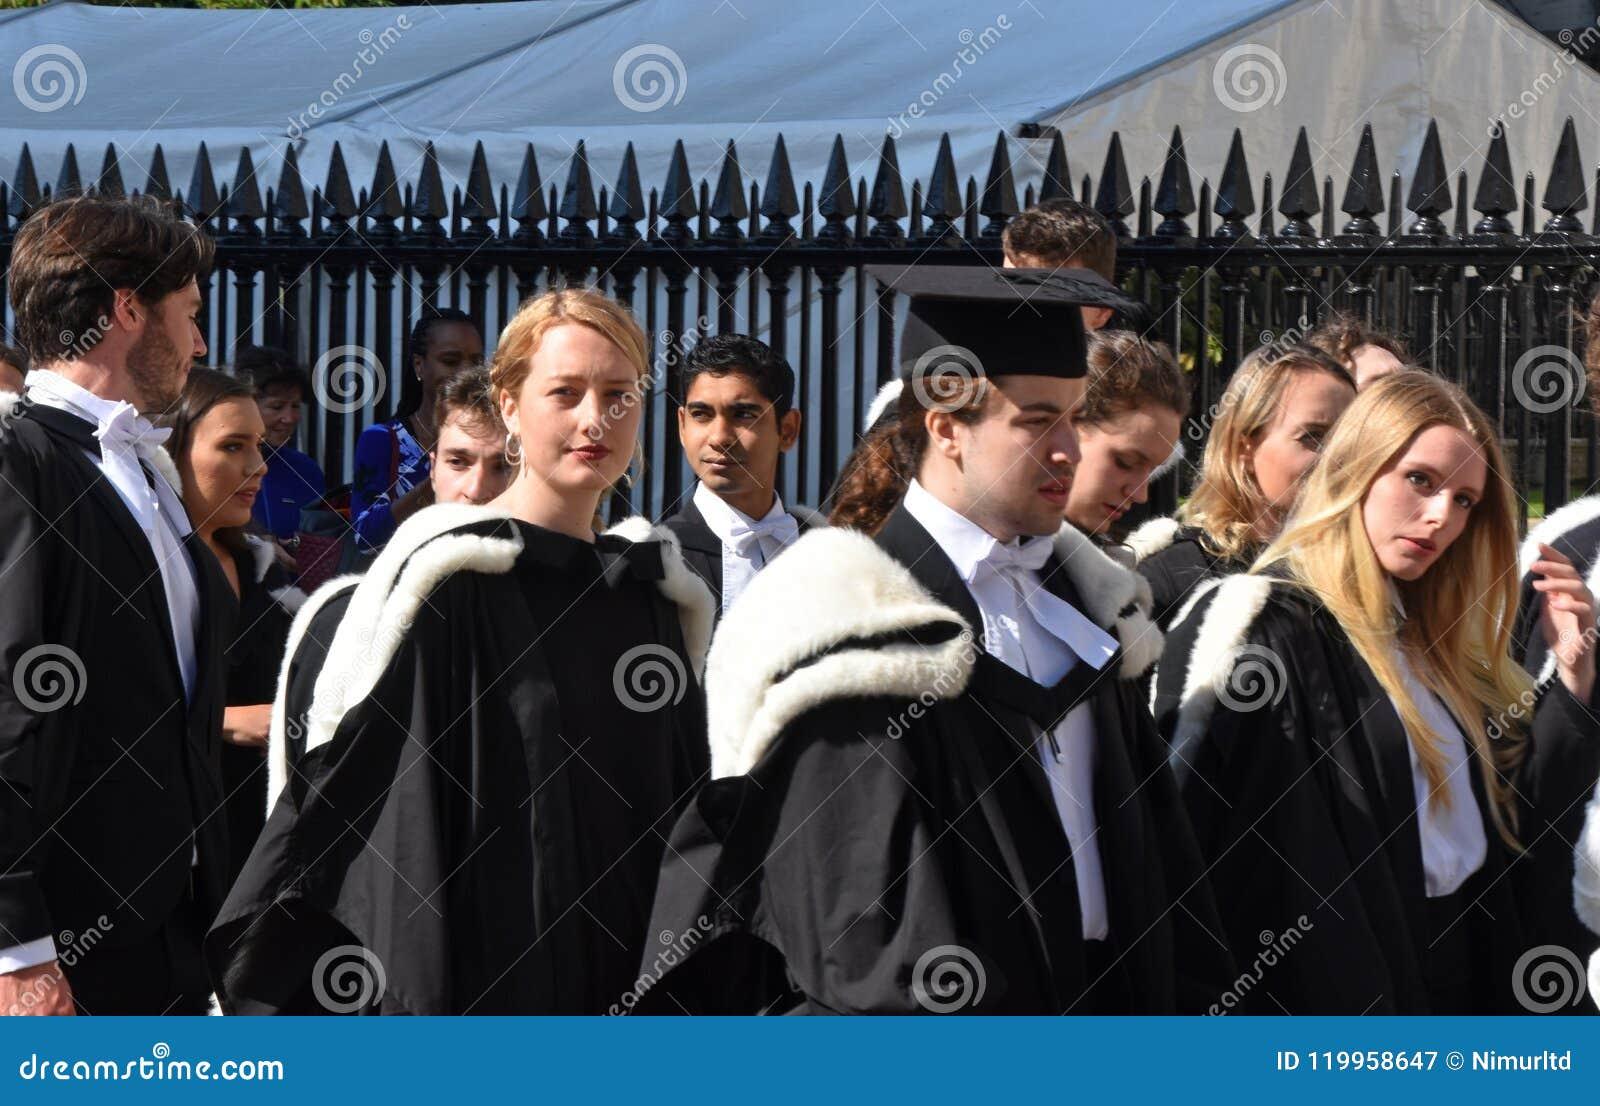 Καίμπριτζ UK, στις 27 Ιουνίου 2018: Φοιτητές πανεπιστημίου που περιμένουν να πάει μέσα